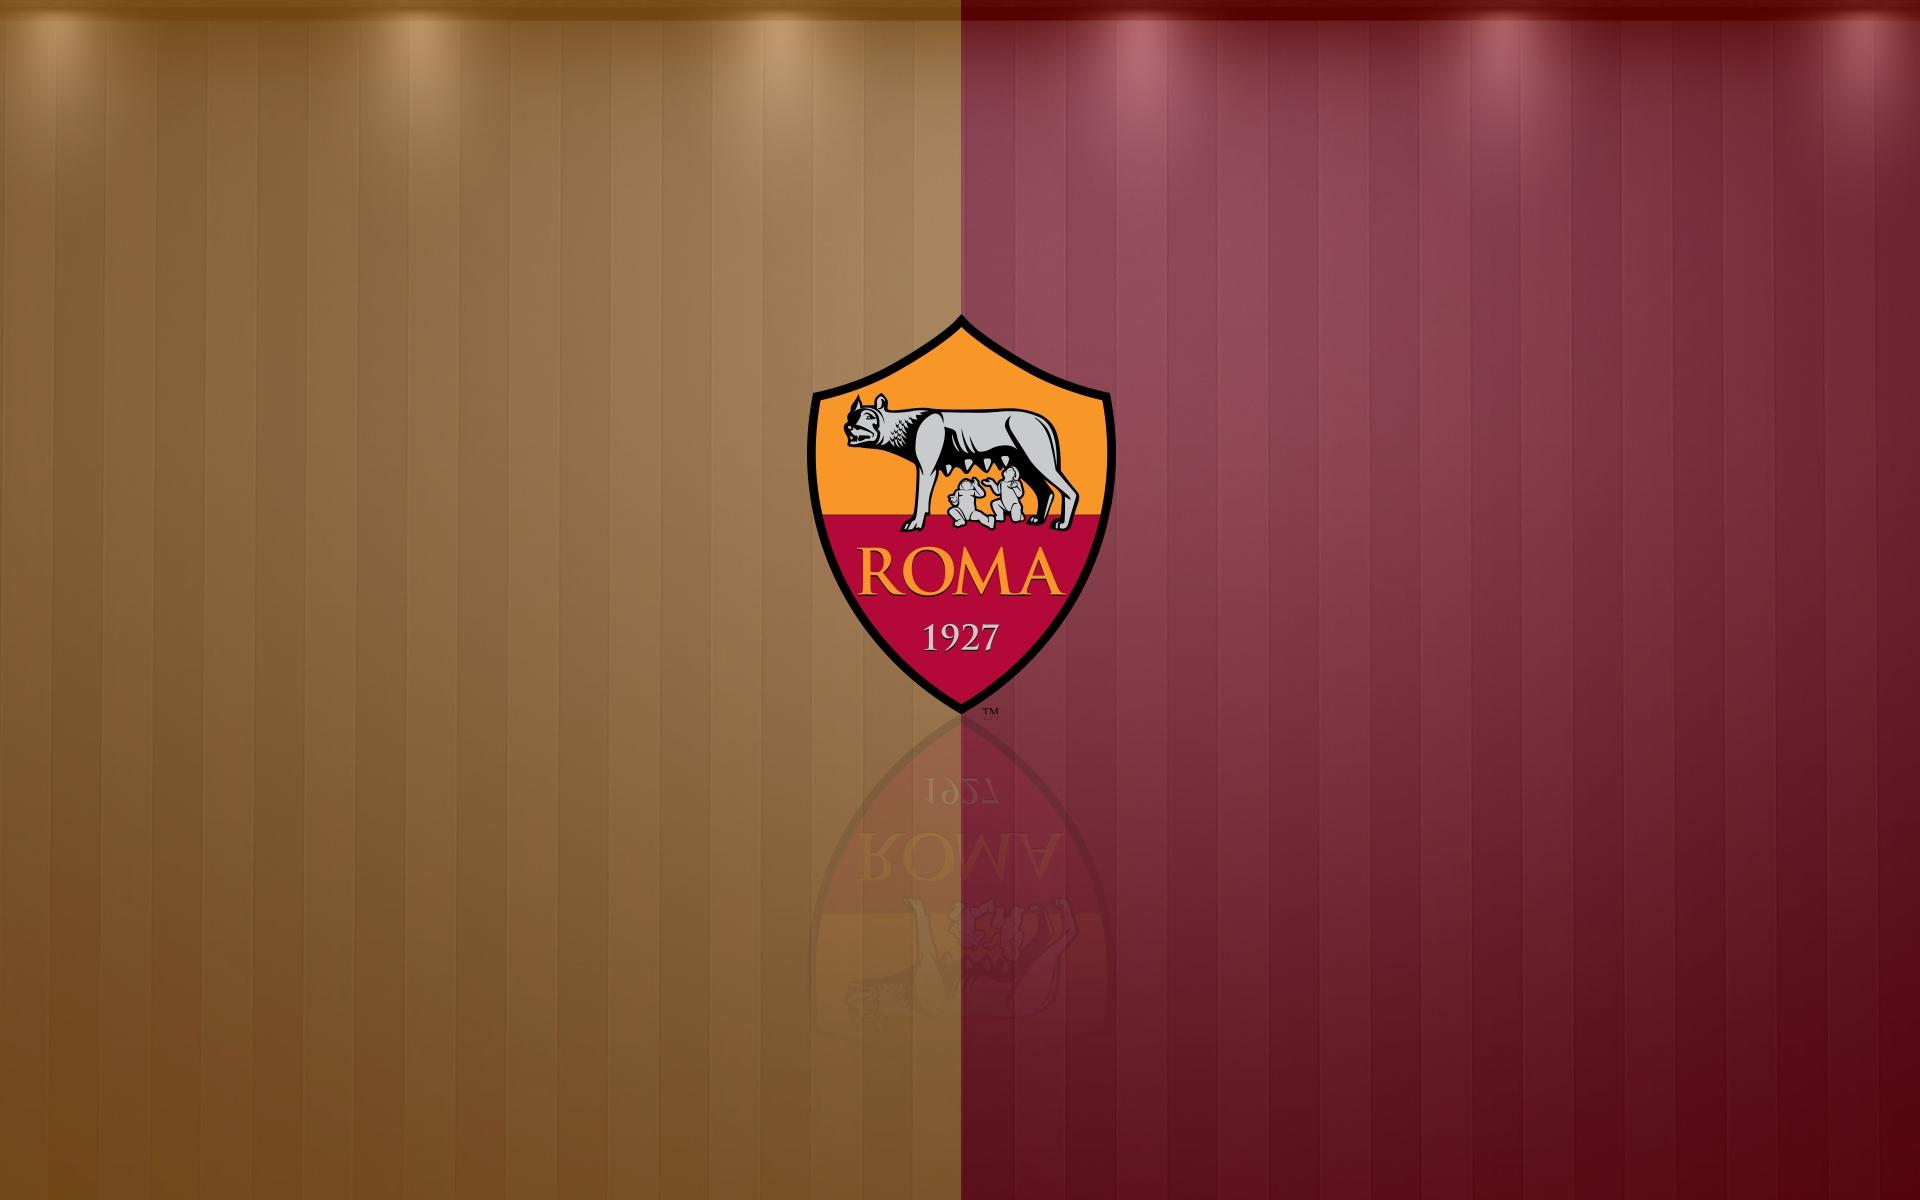 As Roma Logos Download